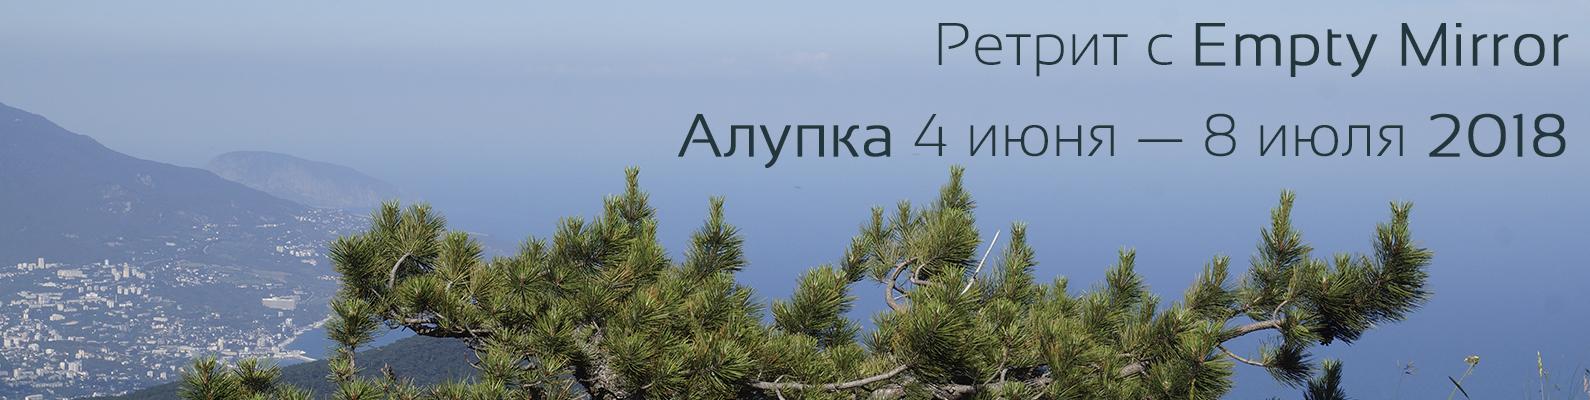 Ретрит в Алупке (Крым) с Empty Mirror 04.06 - 08.07.18